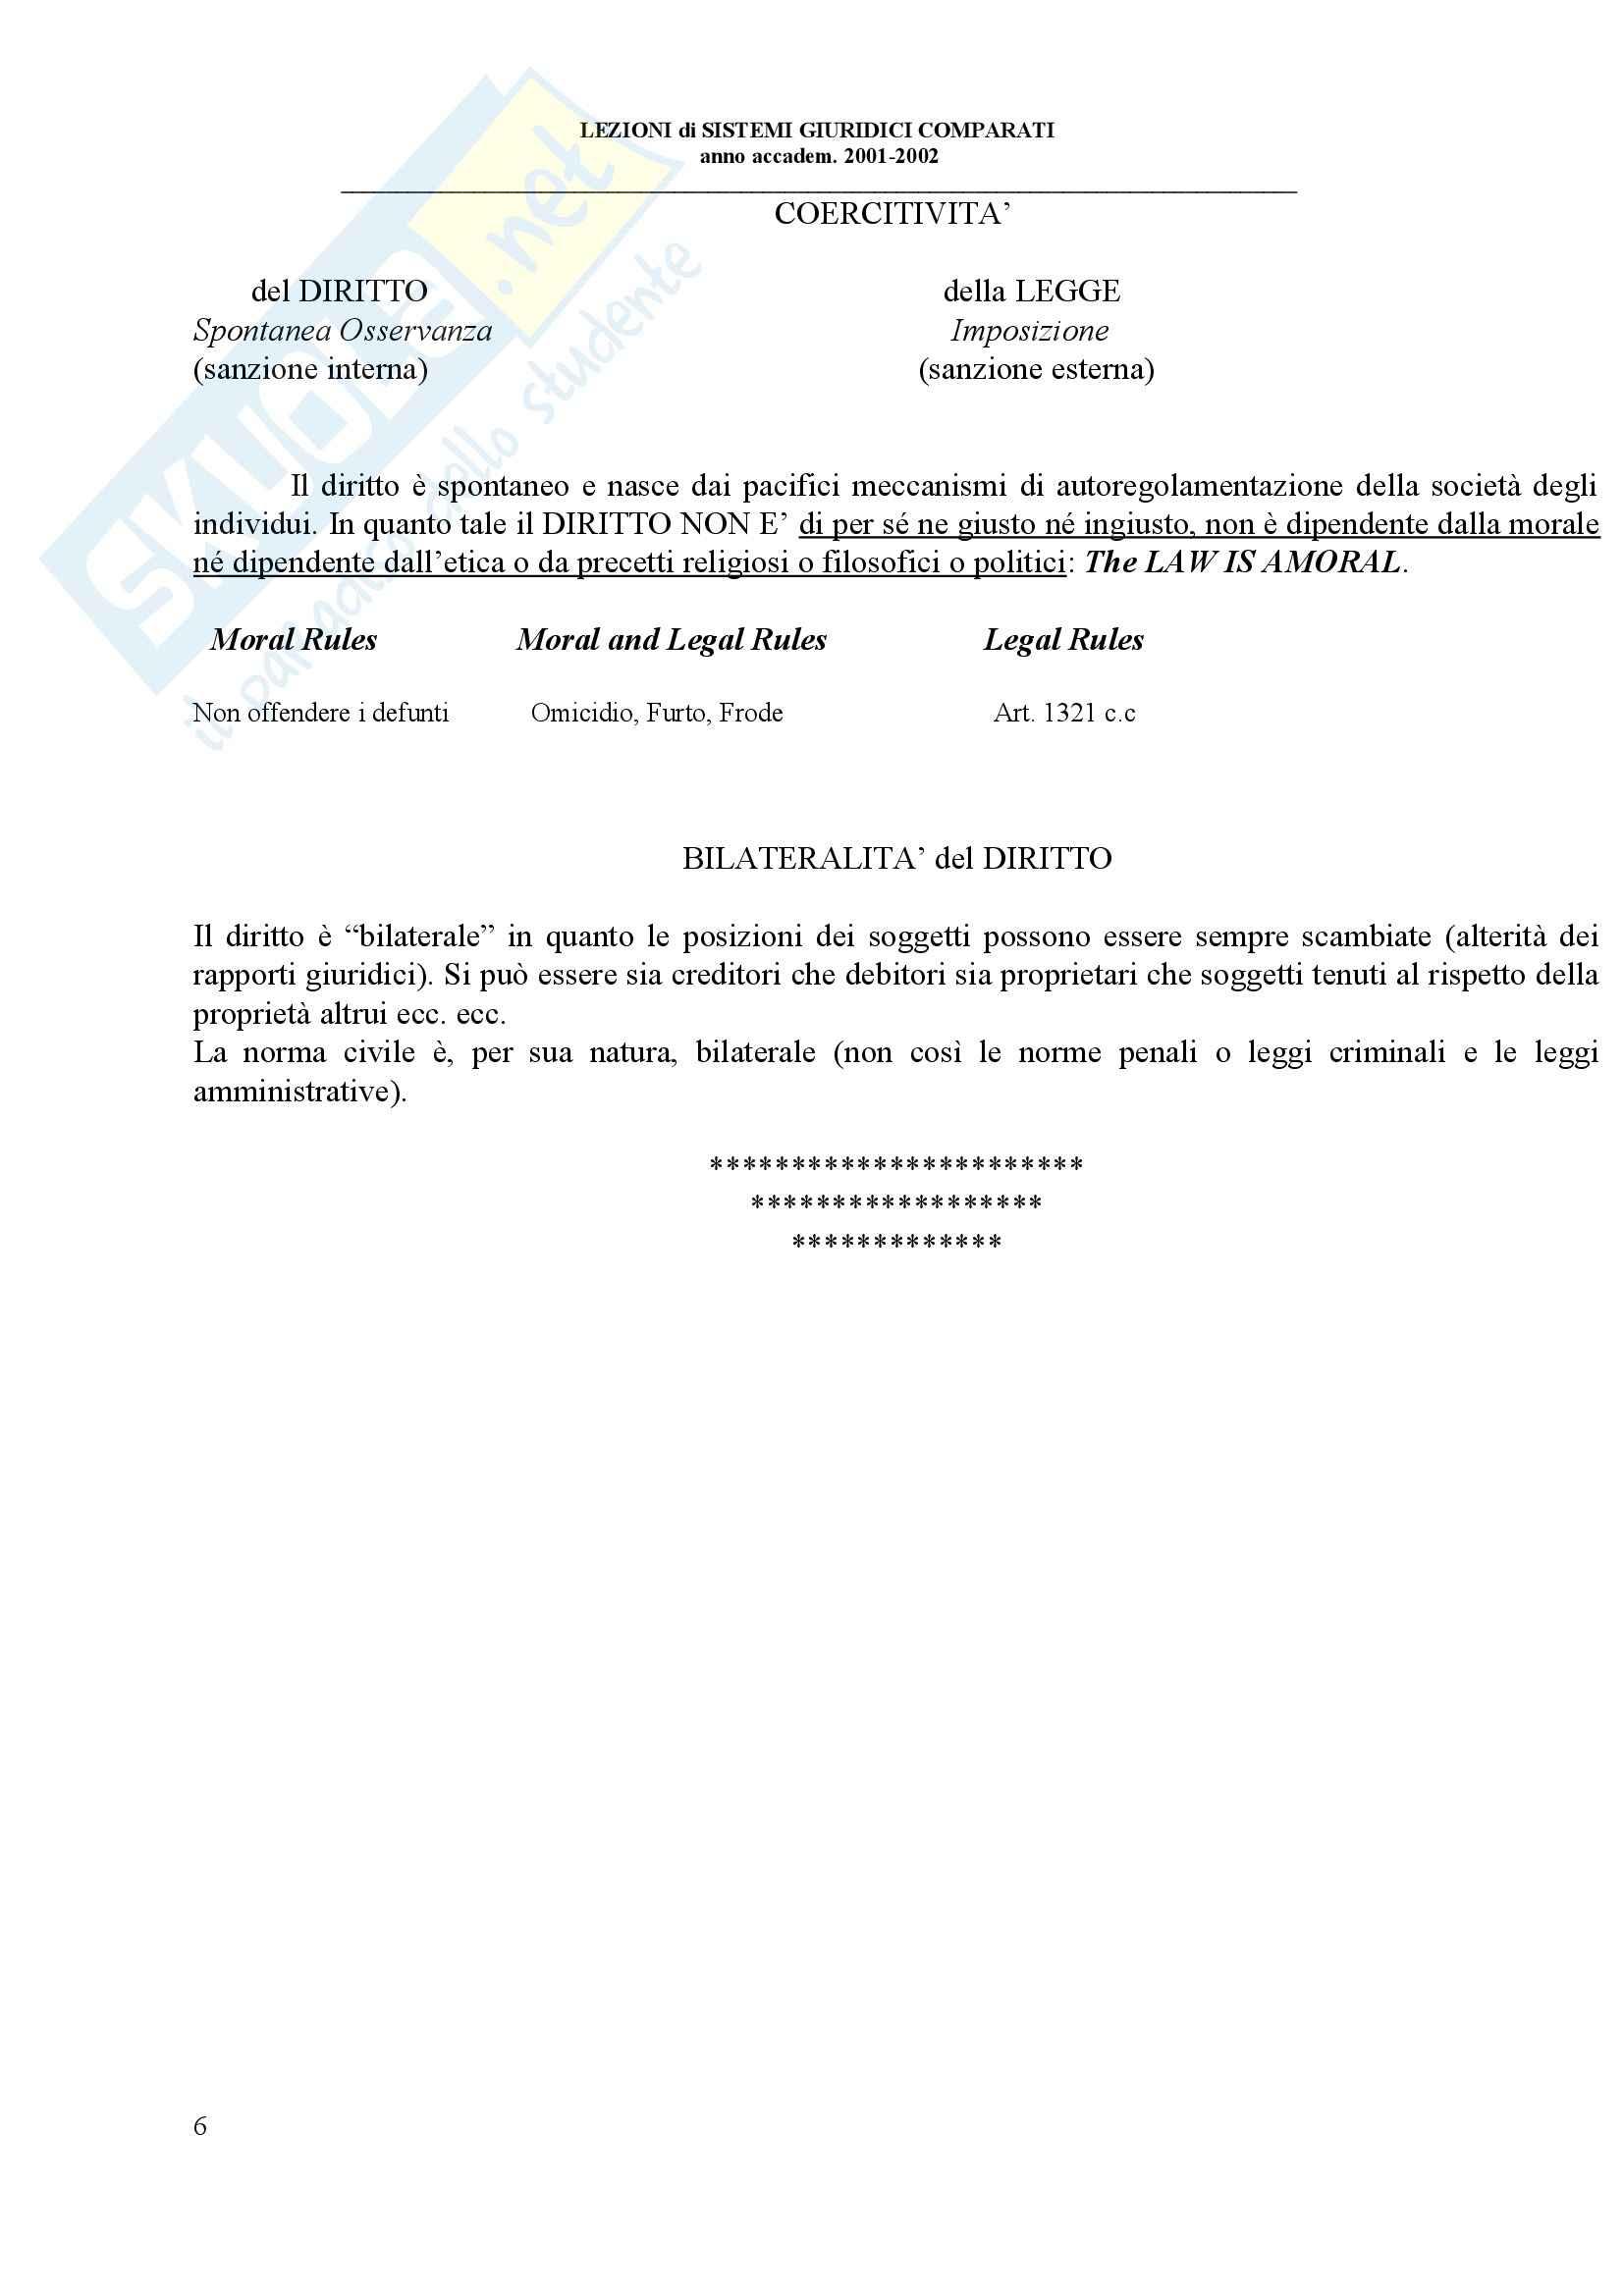 Sistemi giuridici comparati - Appunti Pag. 6